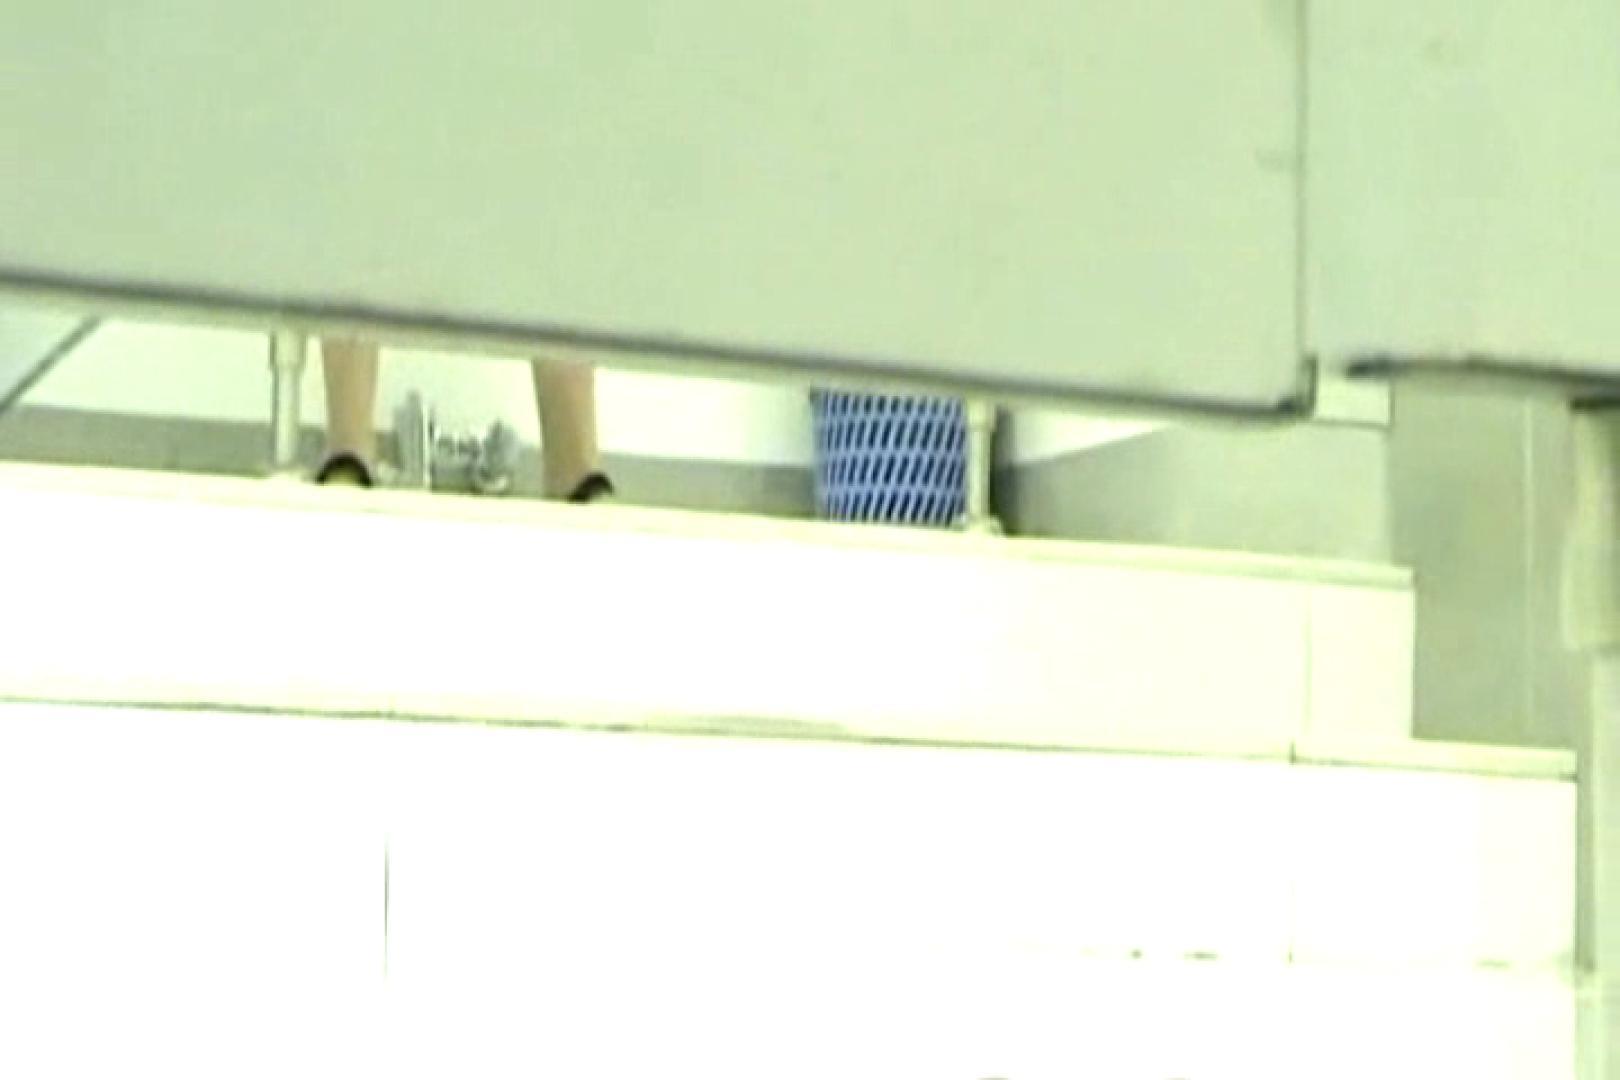 ぼっとん洗面所スペシャルVol.2 美しいOLの裸体 ワレメ無修正動画無料 106pic 18